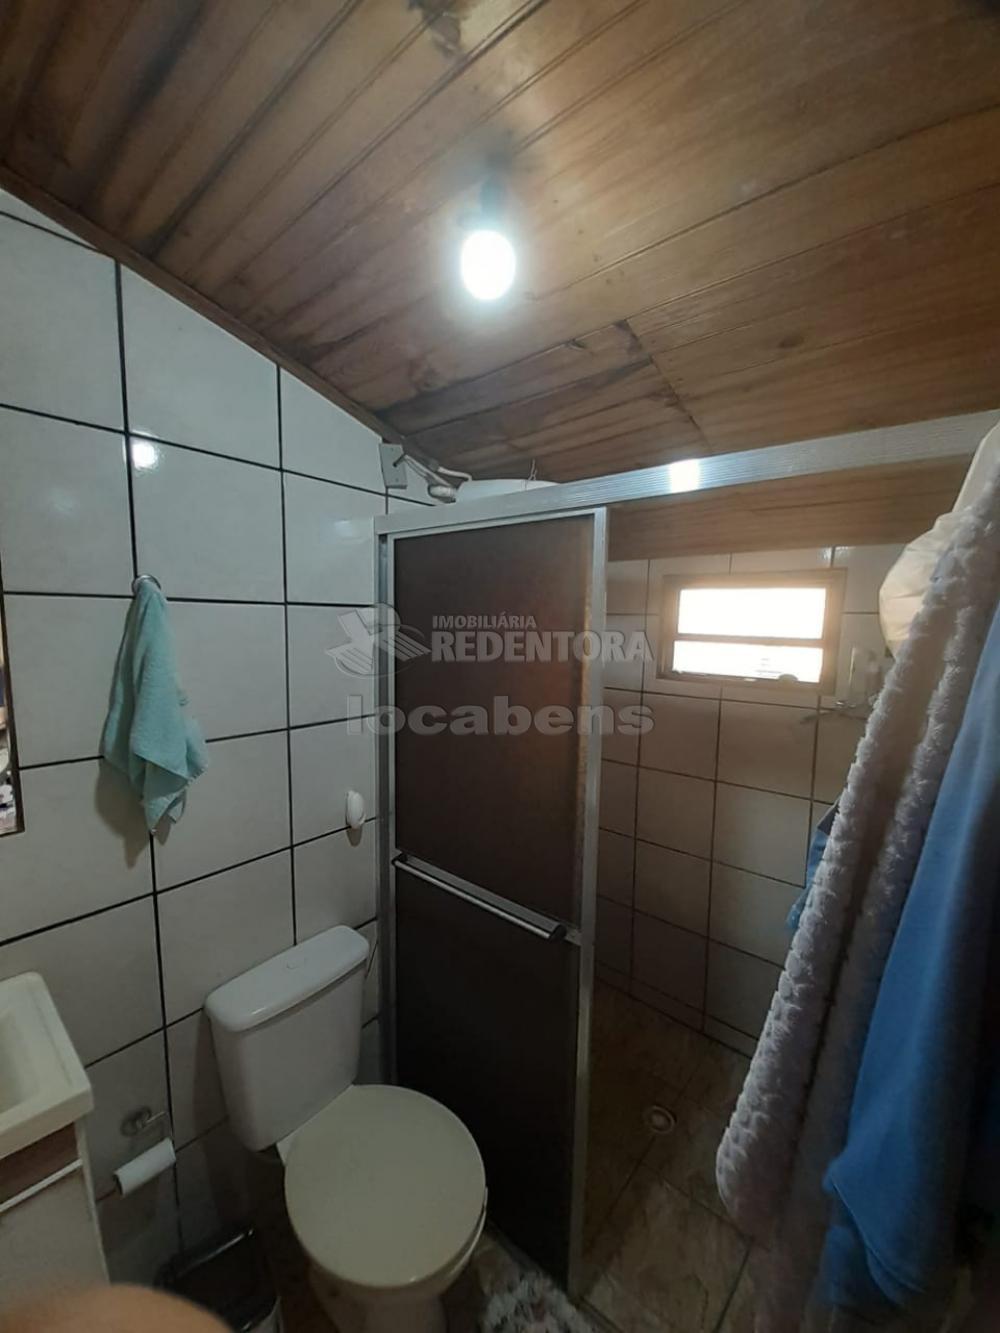 Comprar Casa / Padrão em São José do Rio Preto apenas R$ 195.000,00 - Foto 11